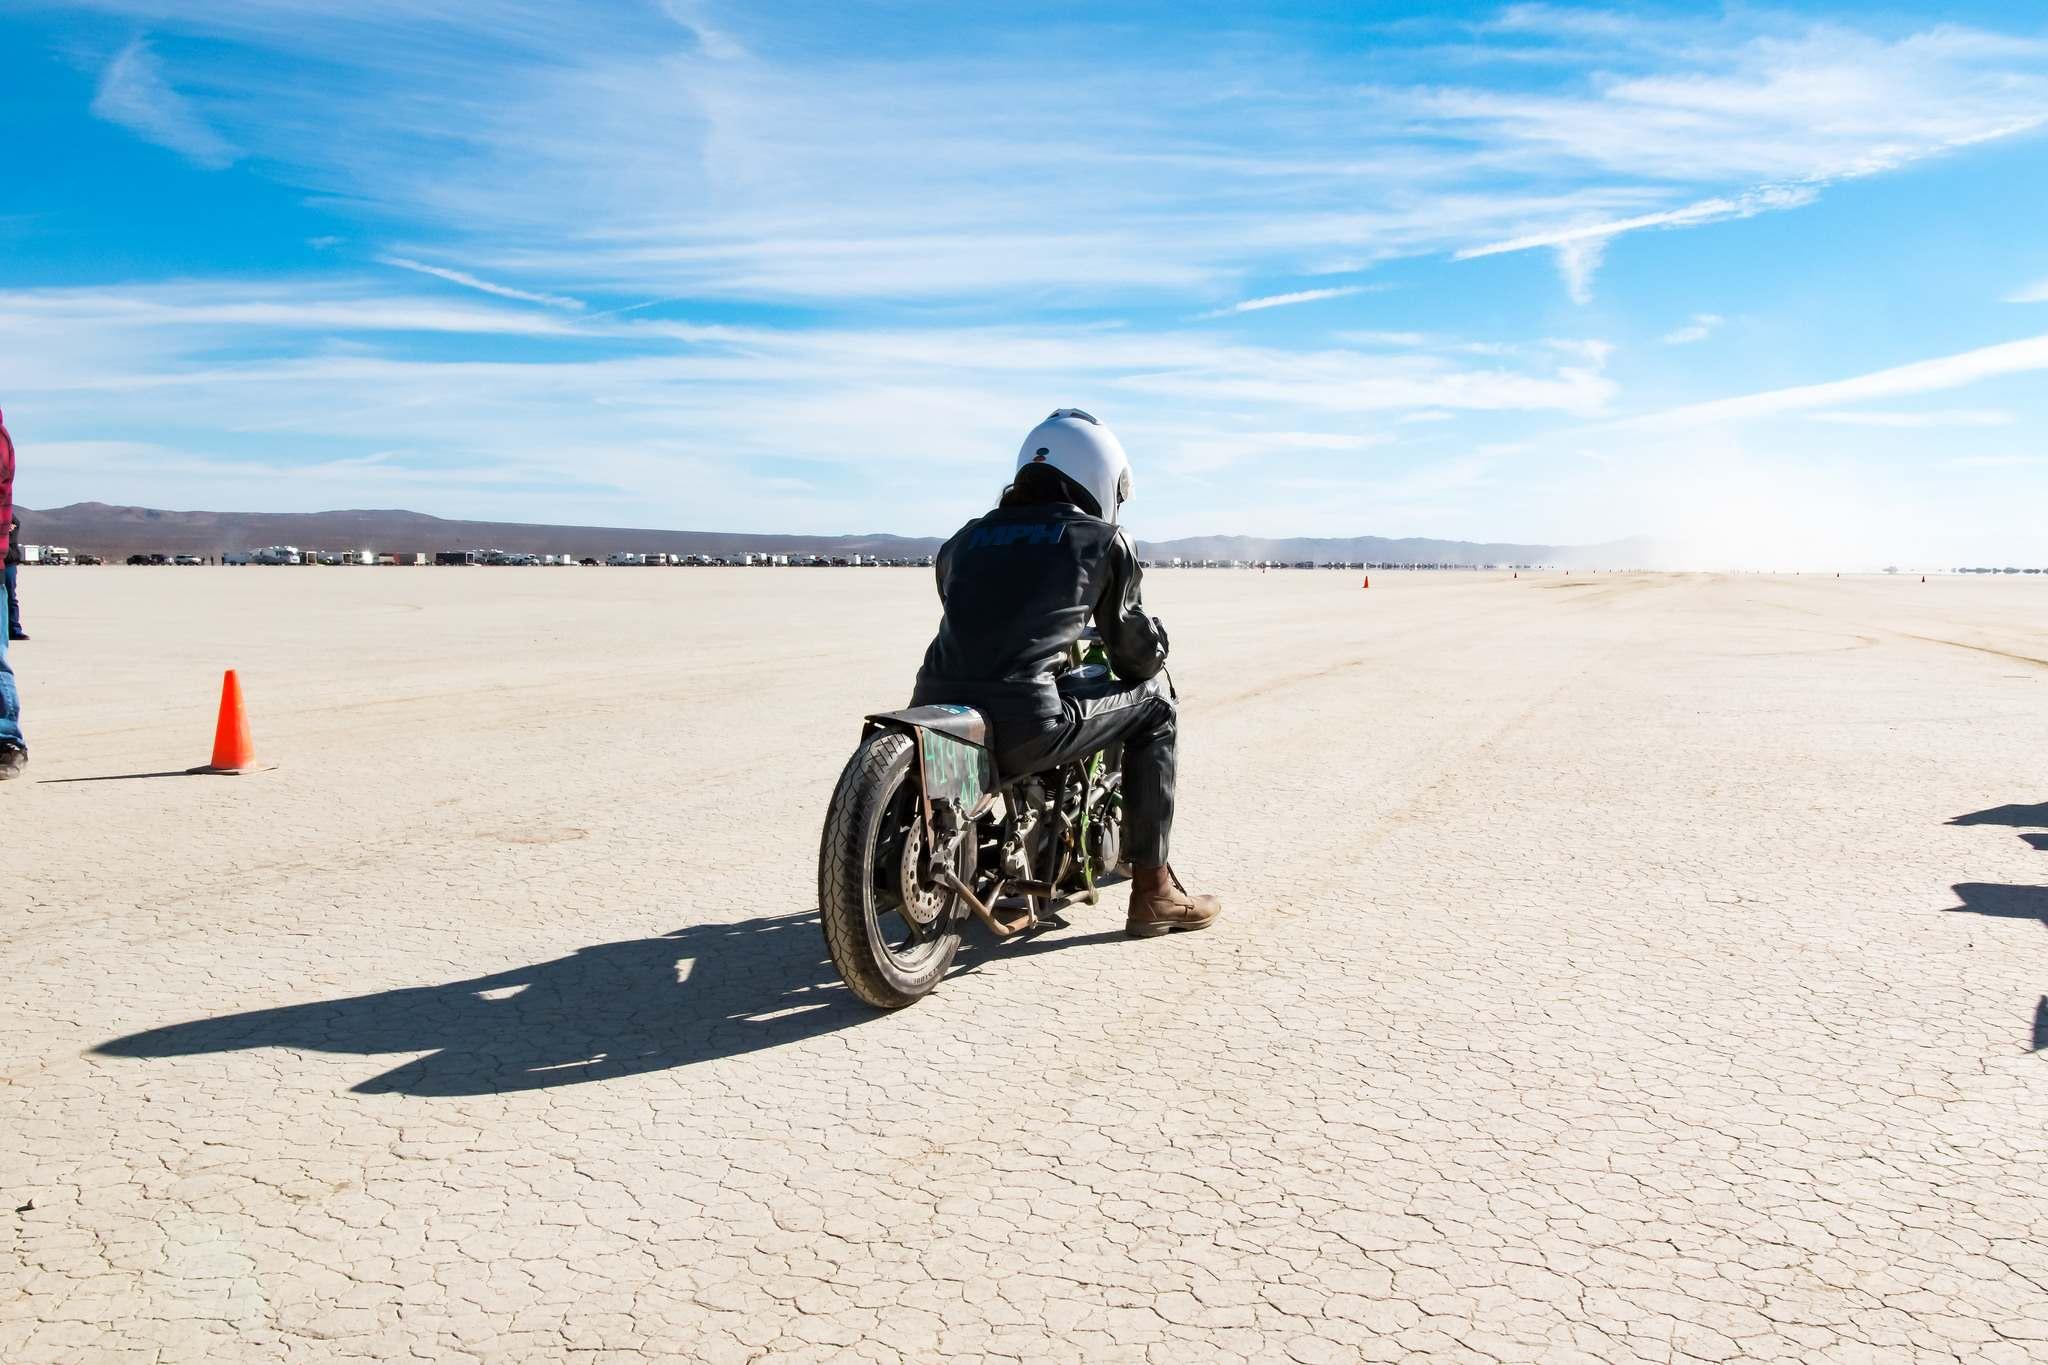 land speed racing4 Speed Racing at El Mirage Dry Lake